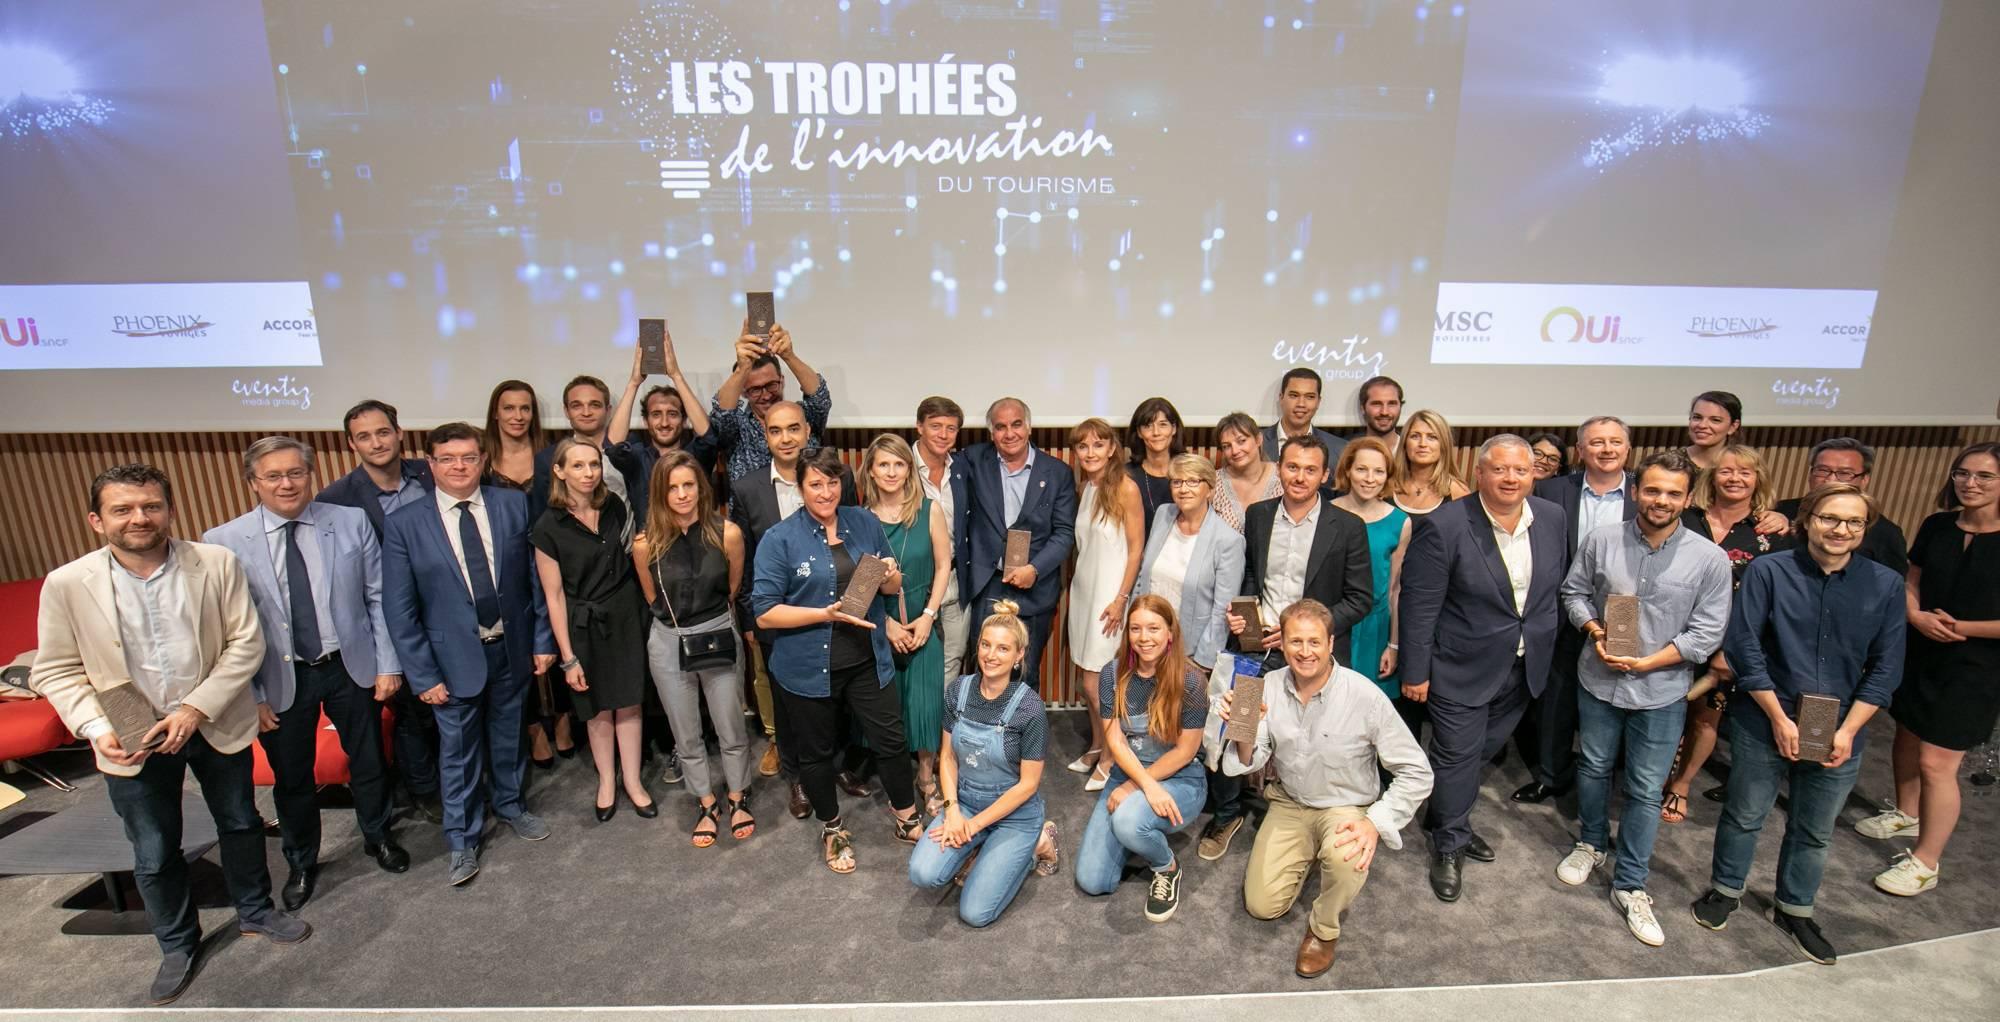 Cérémonie Remise Trophées Innovation Touristique